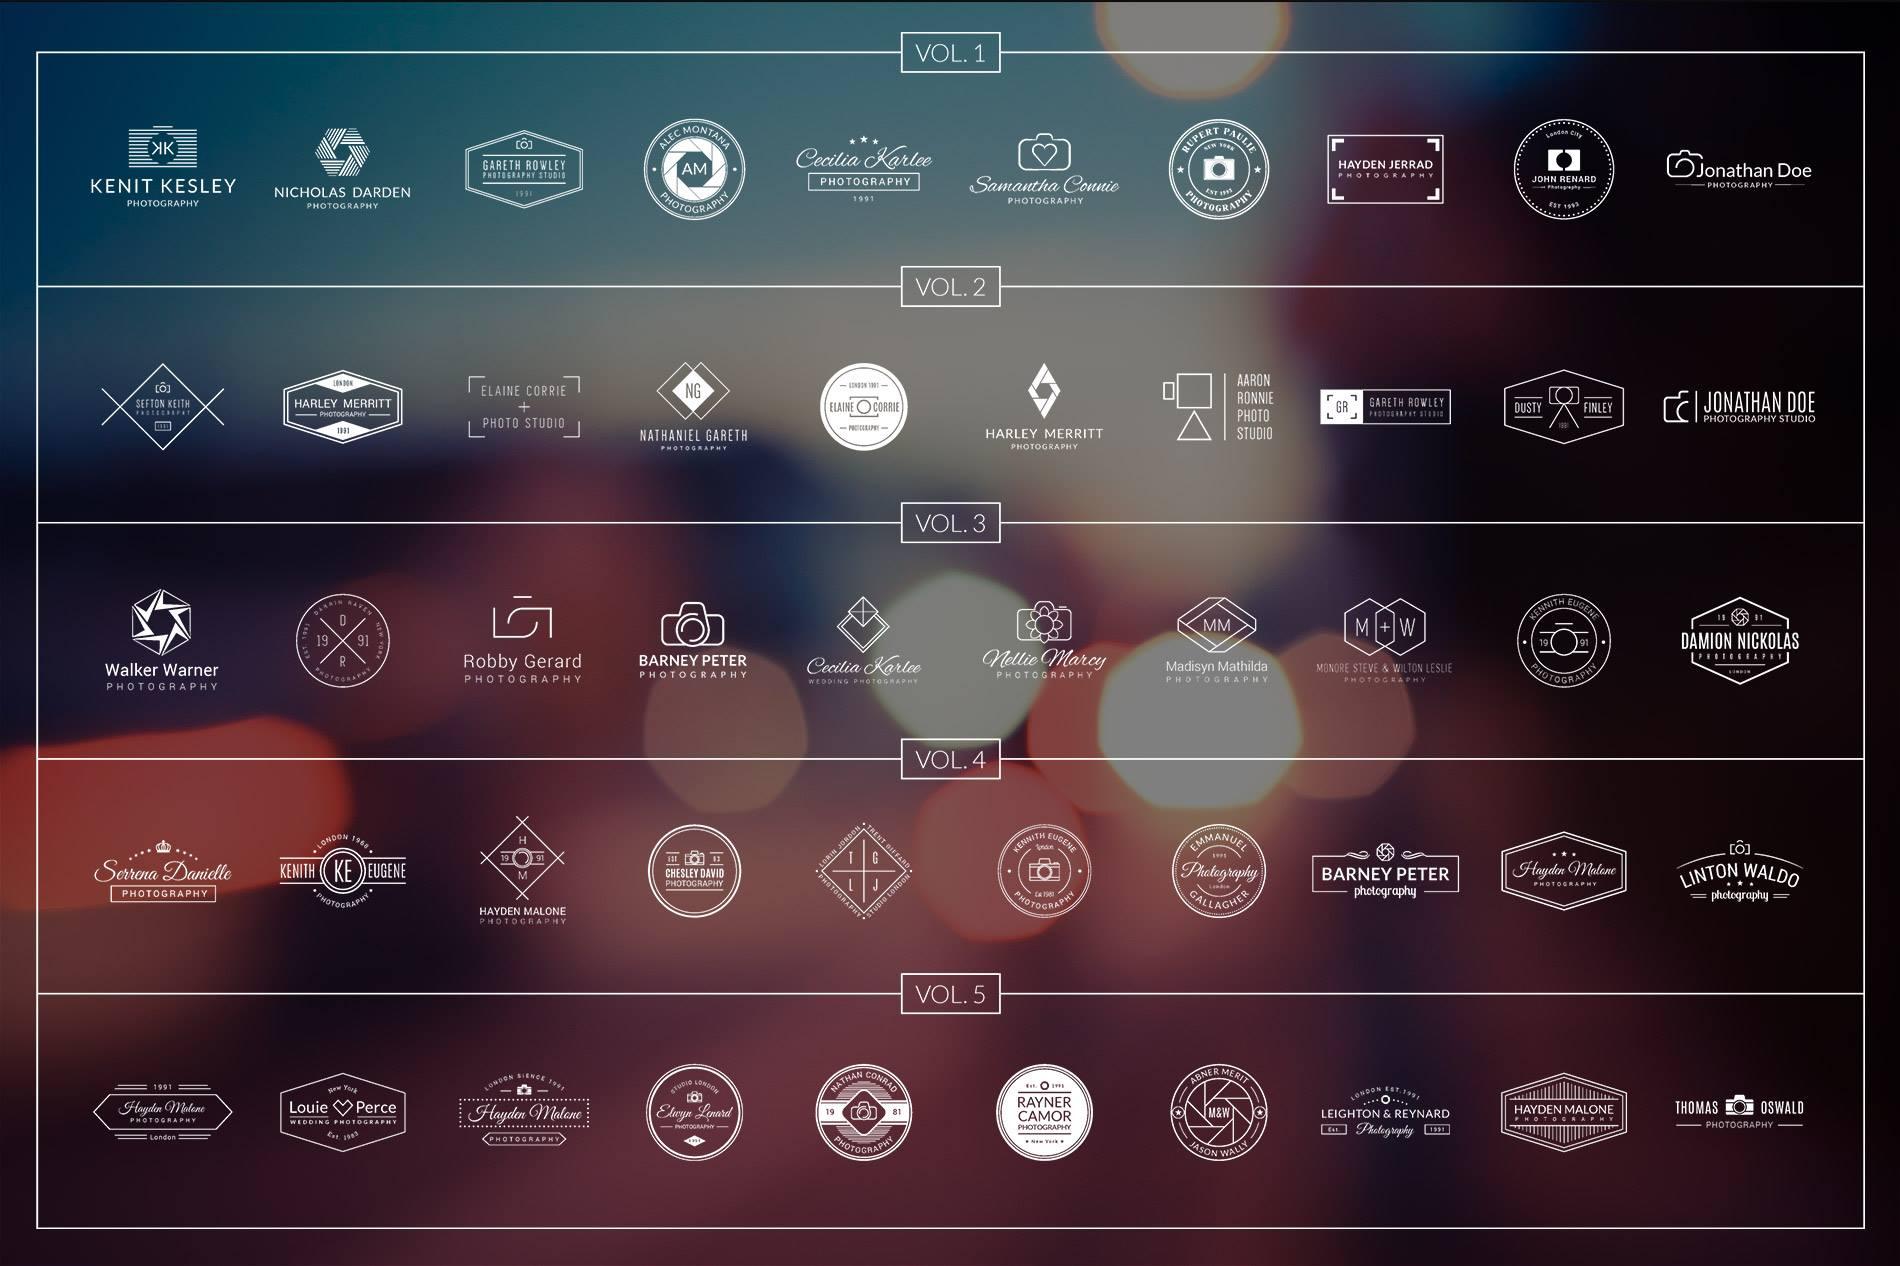 Share cho AE nguyên bộ 150 Logos cho Photography + Bộ Bonus. Tải xuống nguyên bộ 150 Logos cho Photography + Bộ Bonus dành cho dân thiết kế đồ họa